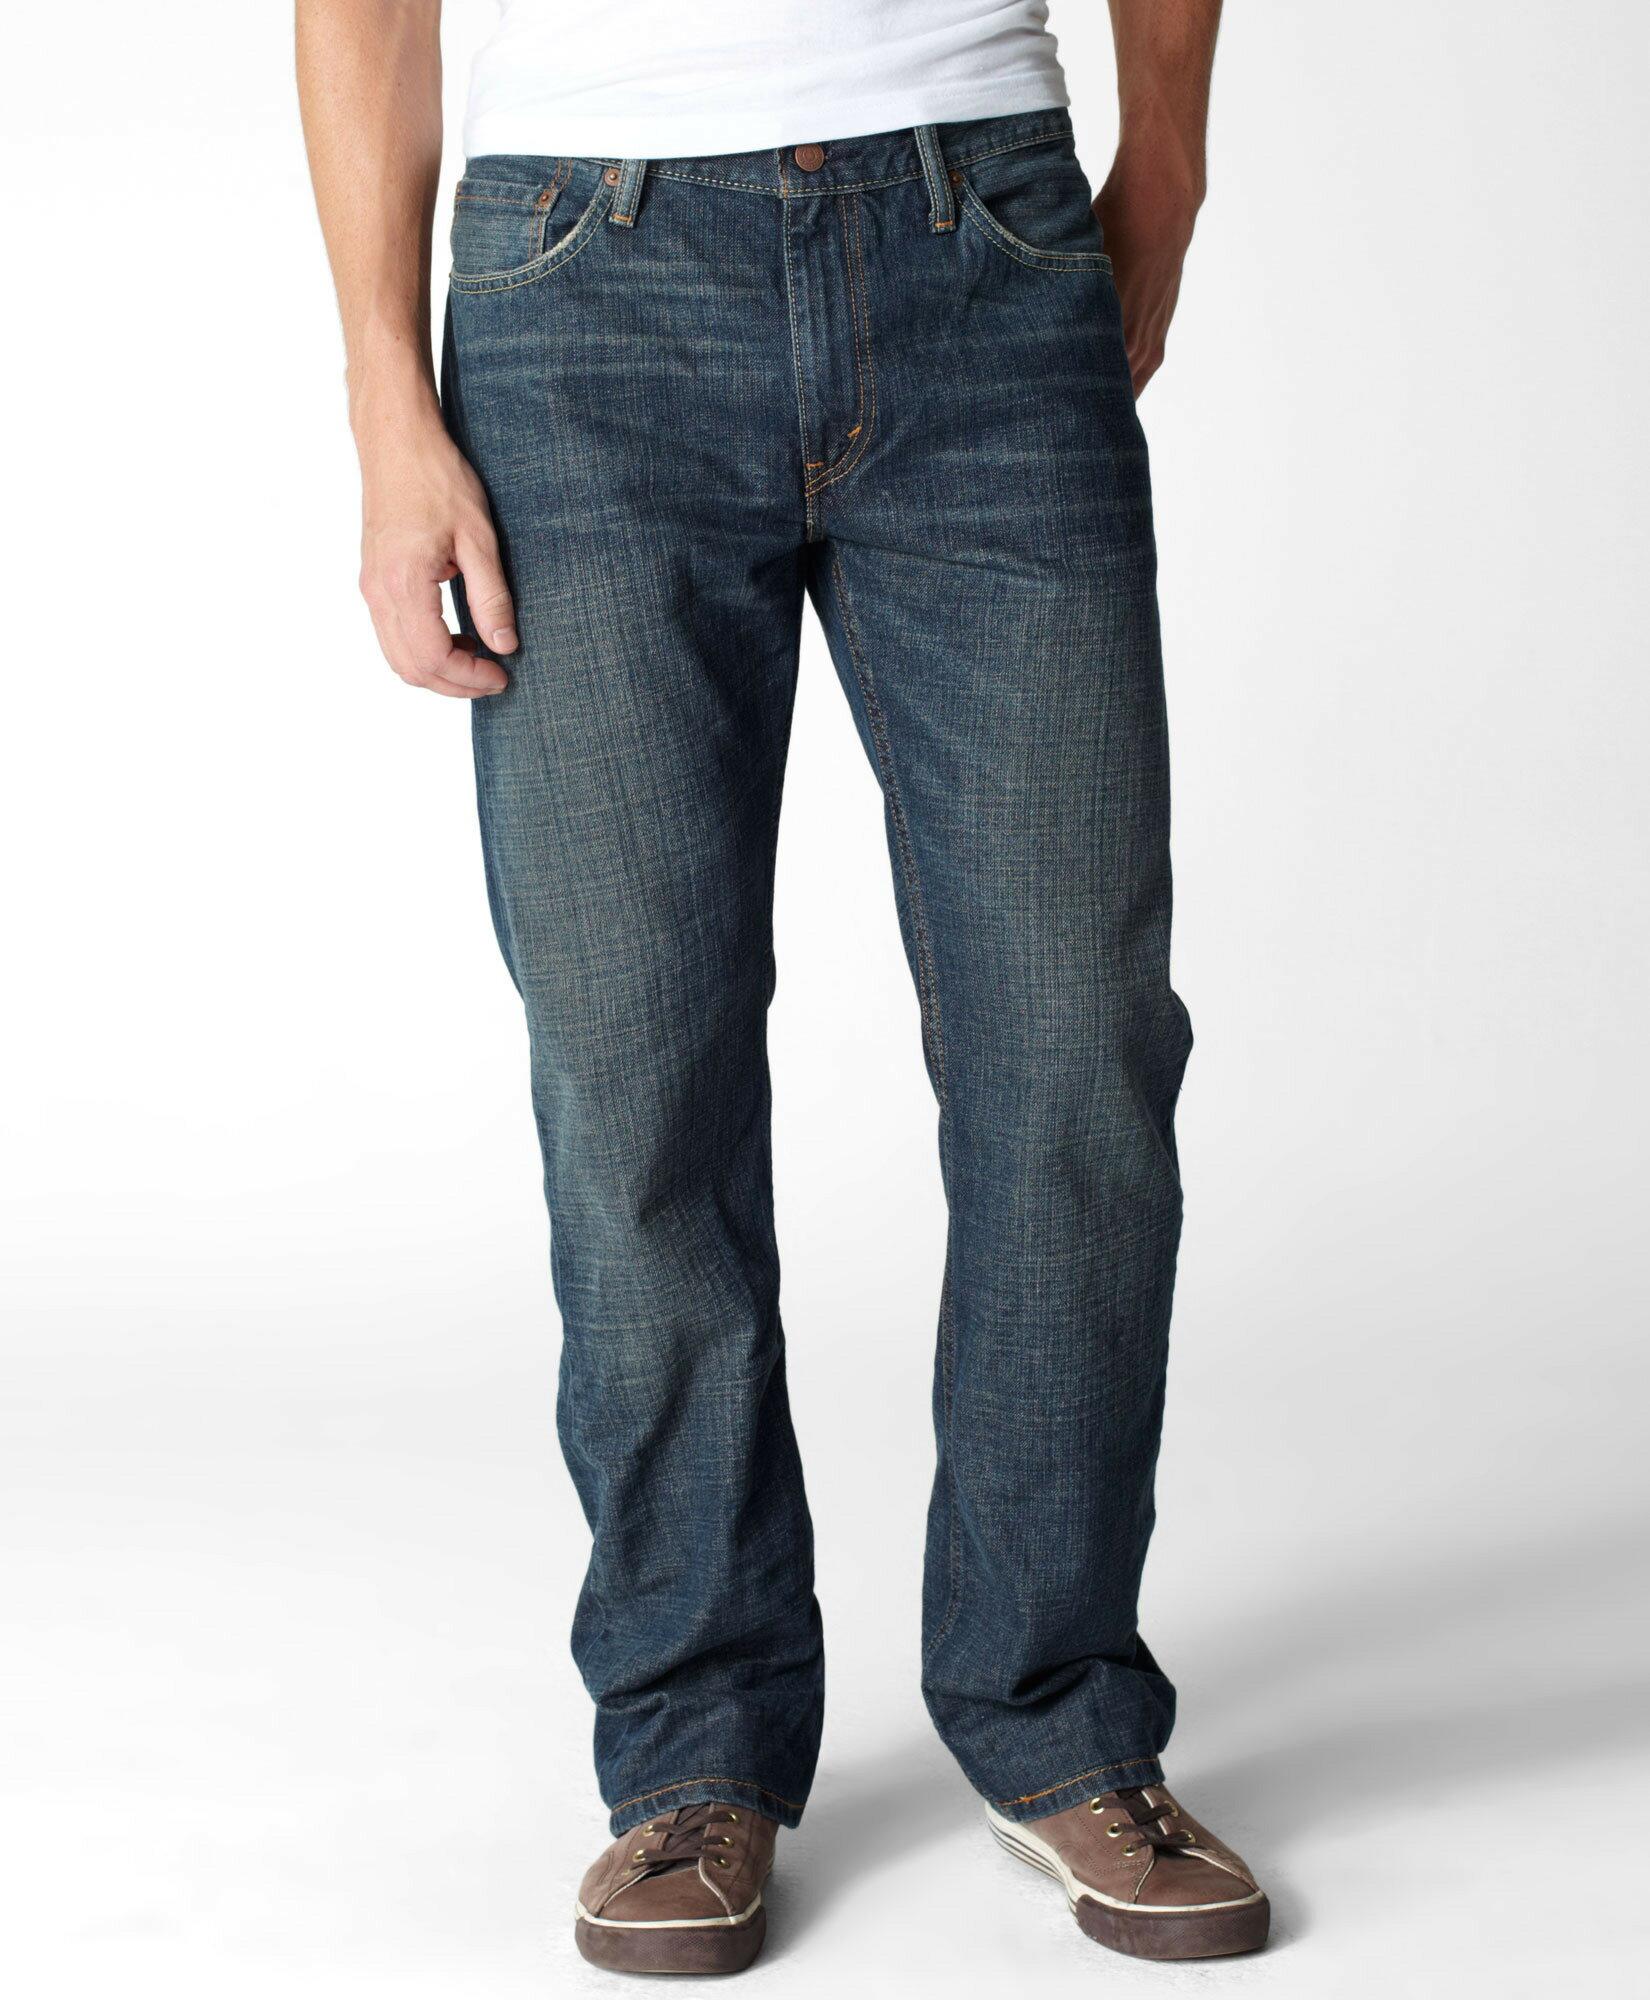 美國百分百【全新真品】Levis 褲子 牛仔褲 長褲 休閒褲 藍 雙頭馬車 丹寧 505 男 30腰 A771